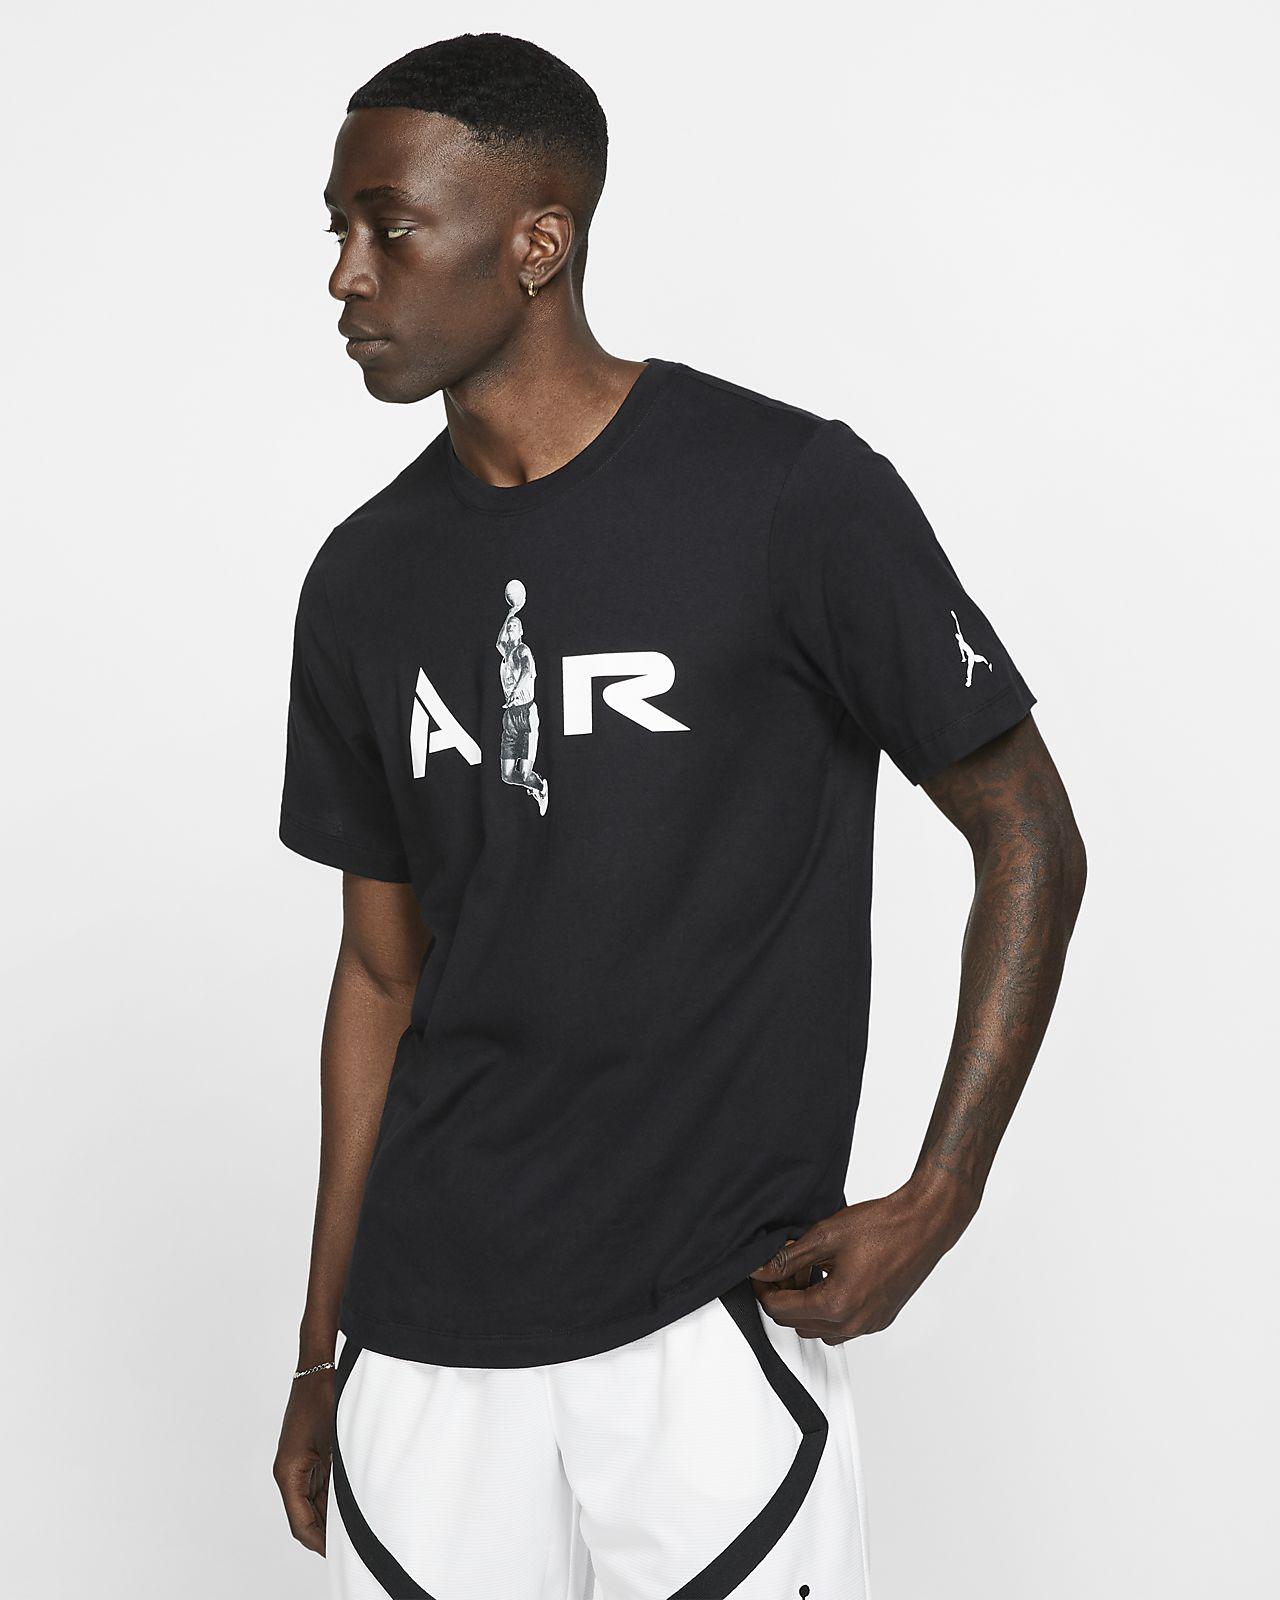 f1252fad94f Jordan Air Photo Men's Basketball T-Shirt. Nike.com